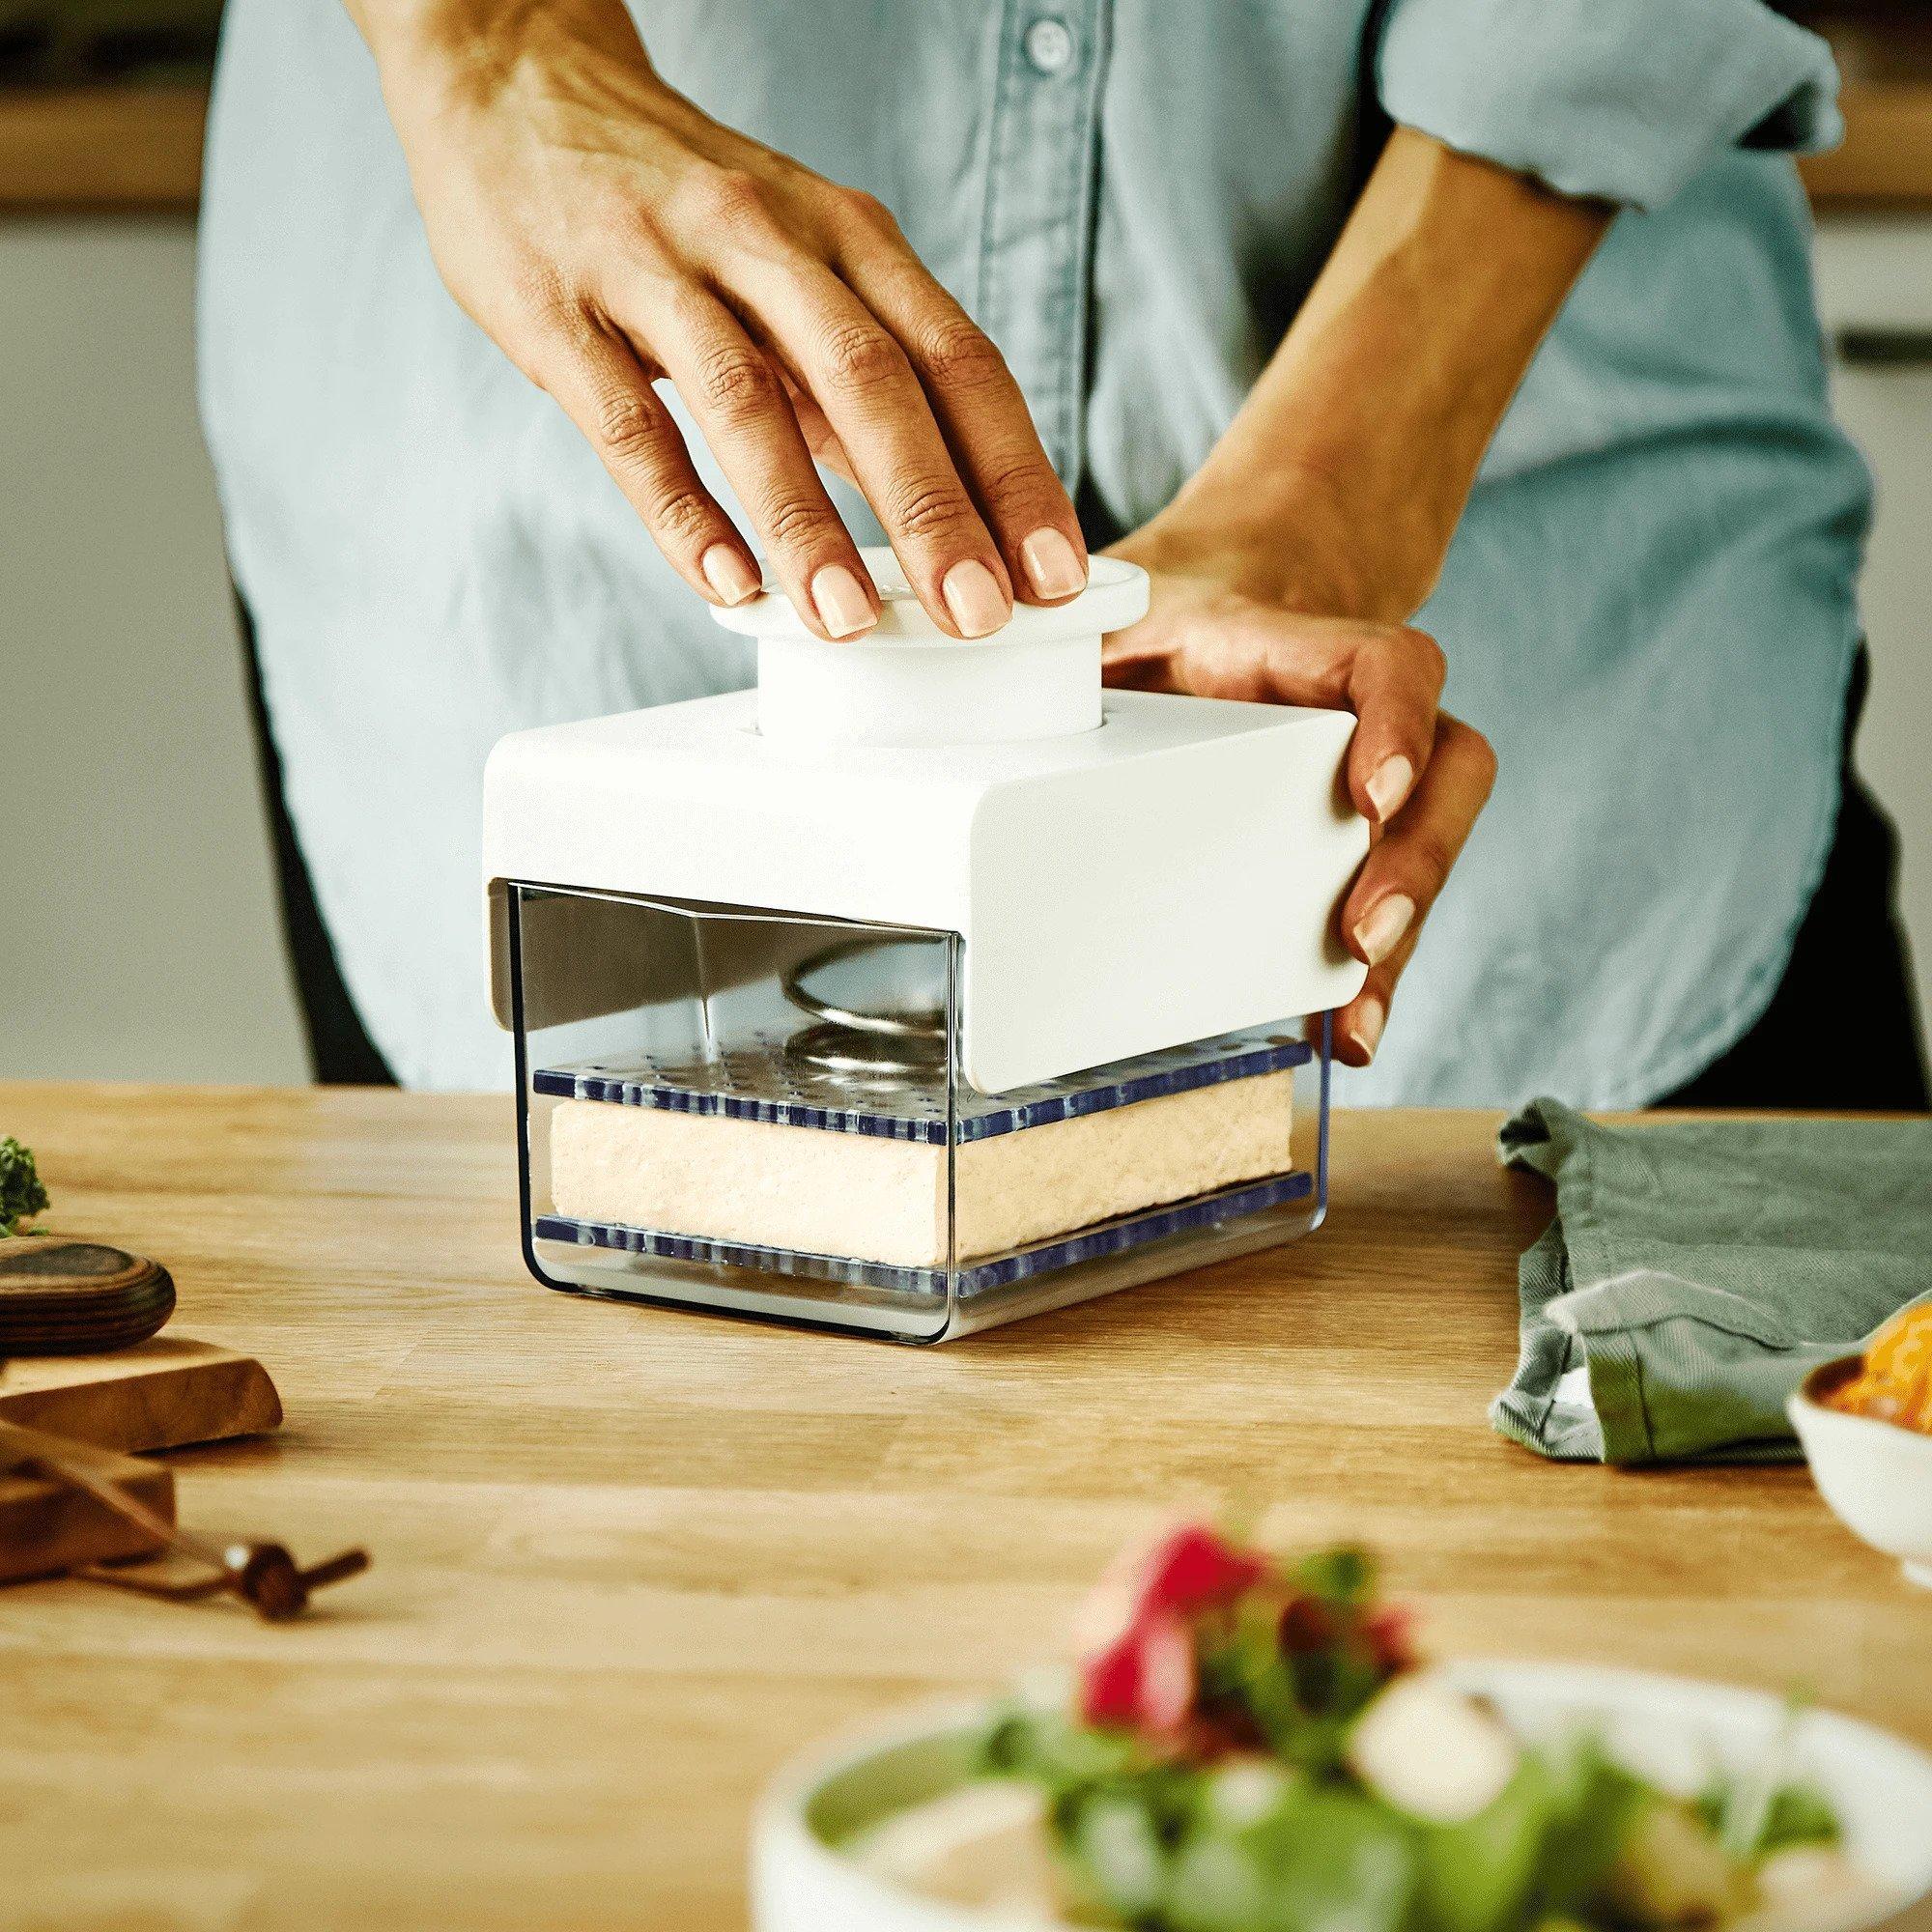 TofuBud Tofu Press, $35 @tofubud.com